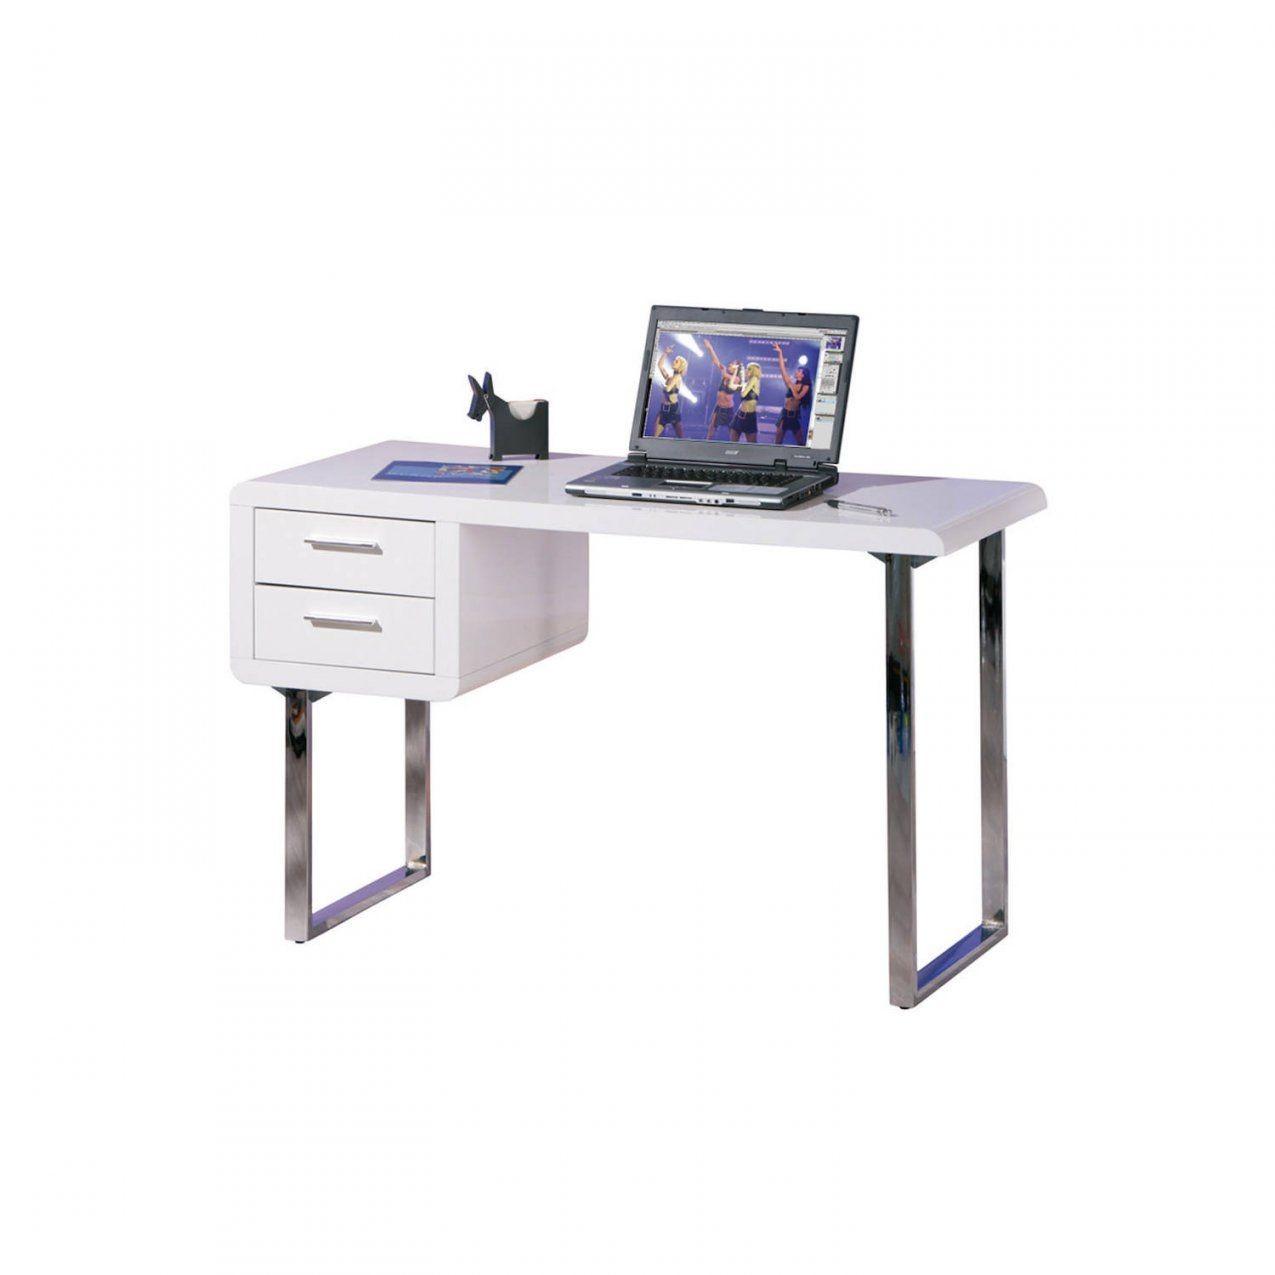 Schreibtisch Weiß Hochglanz Computertisch Pctisch Bürotisch 2 von Pc Tisch Weiss Hochglanz Bild